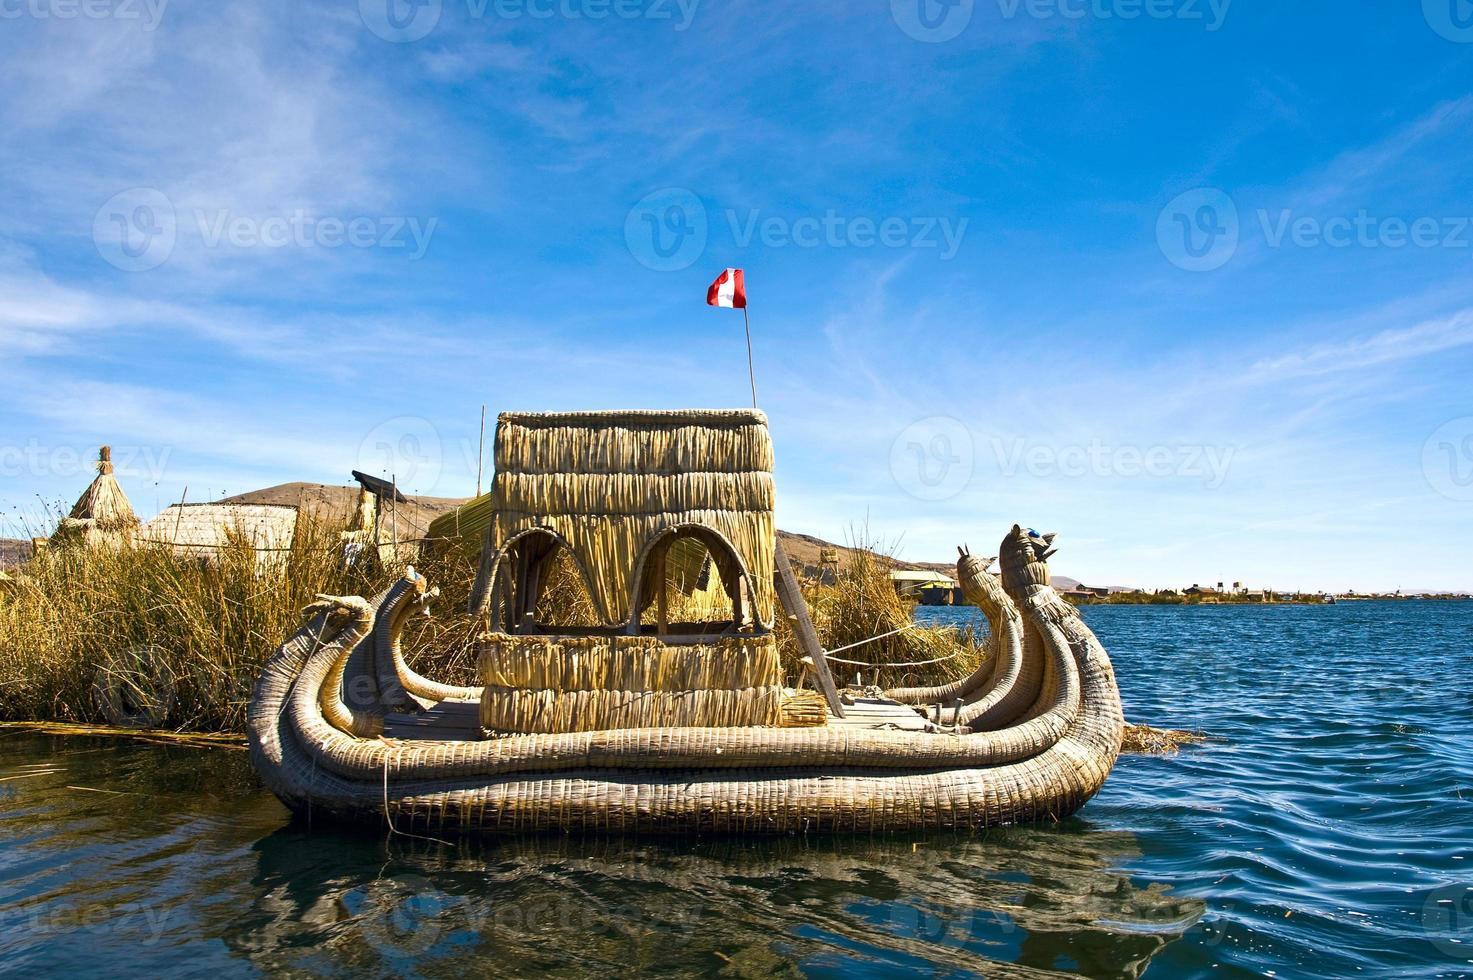 uros - drijvende eilanden, titicacameer, peru-bolivia foto